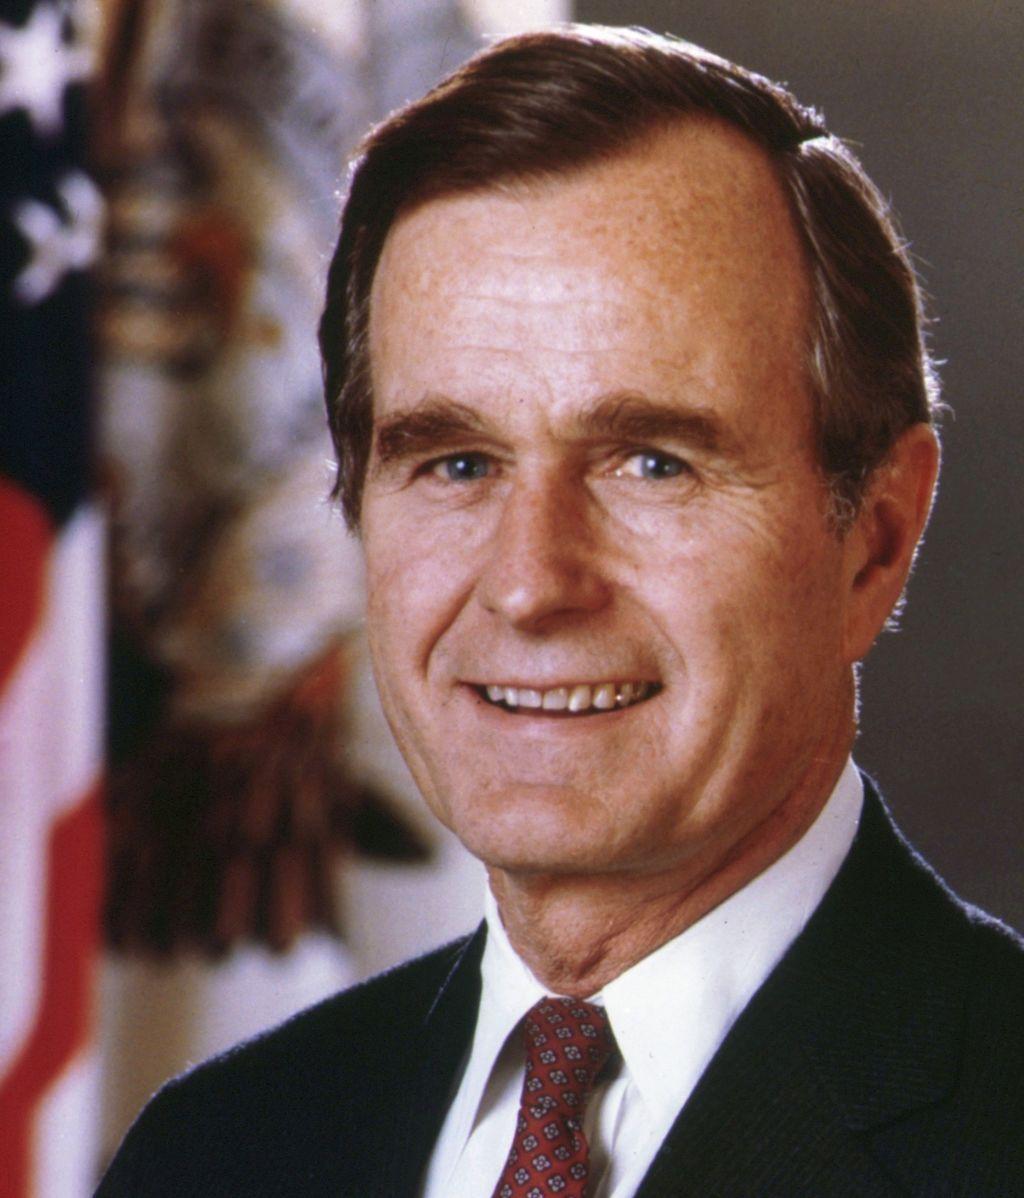 George_HW_Bush